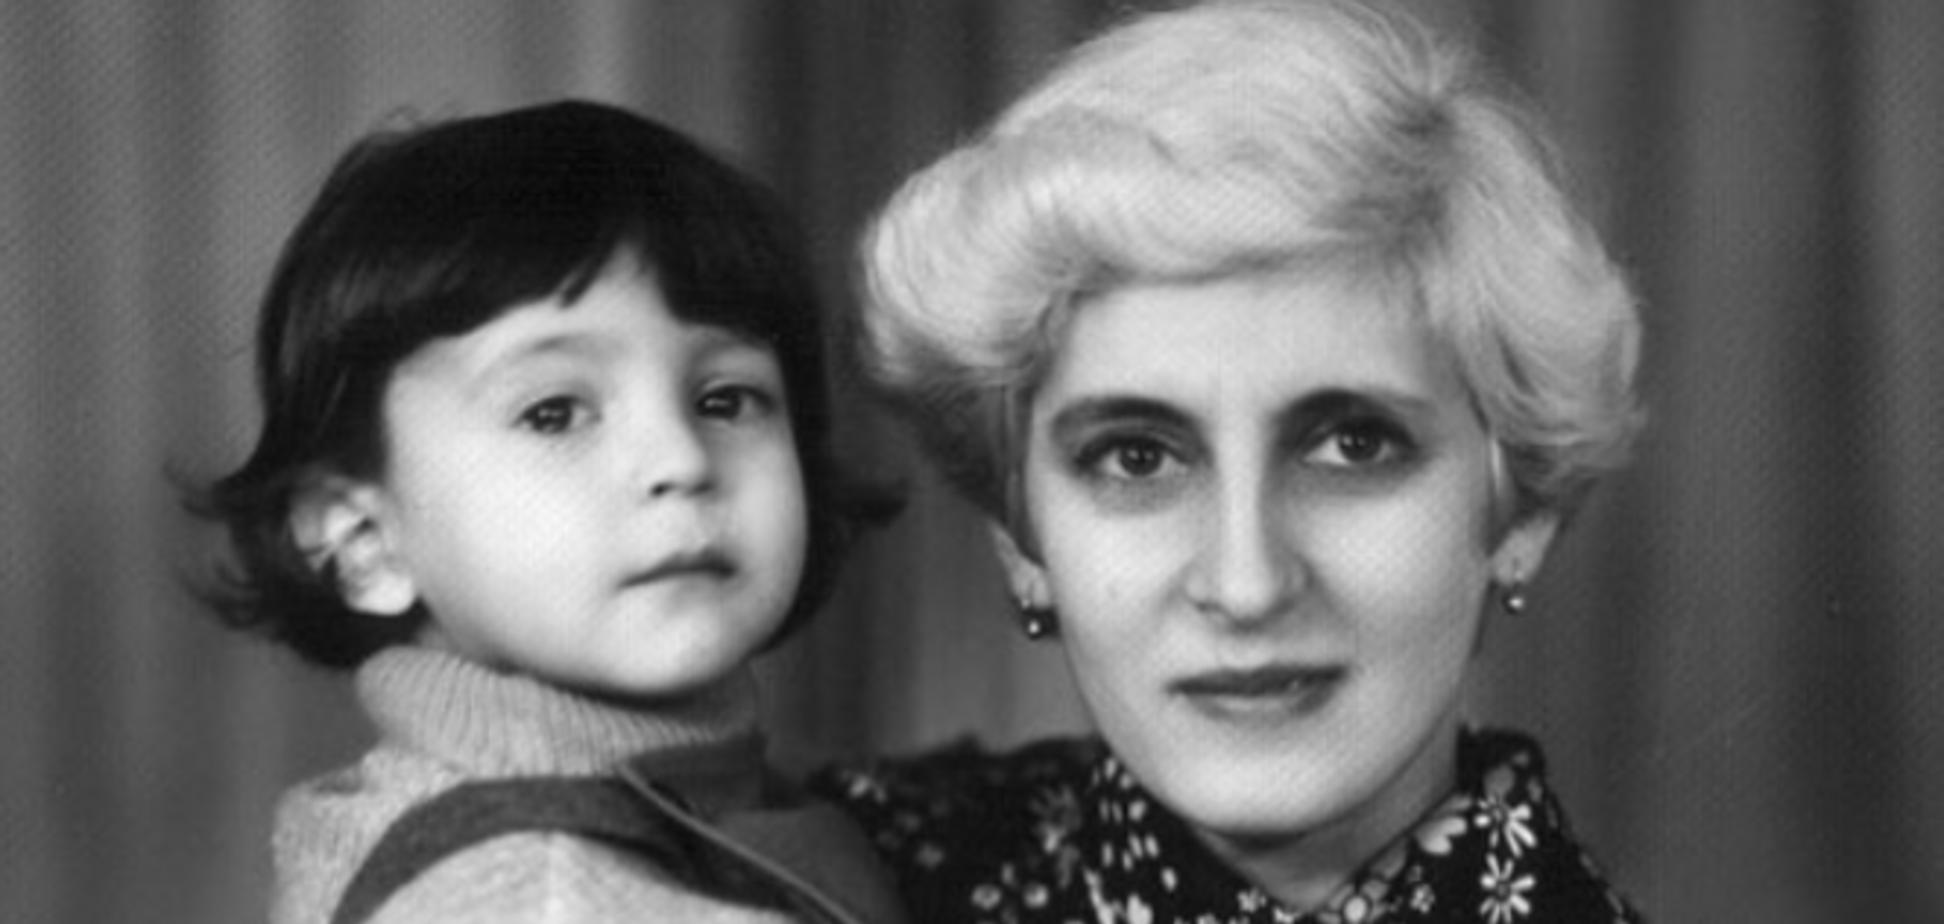 Зеленский в День матери показал трогательное детское фото: как выглядит его мама